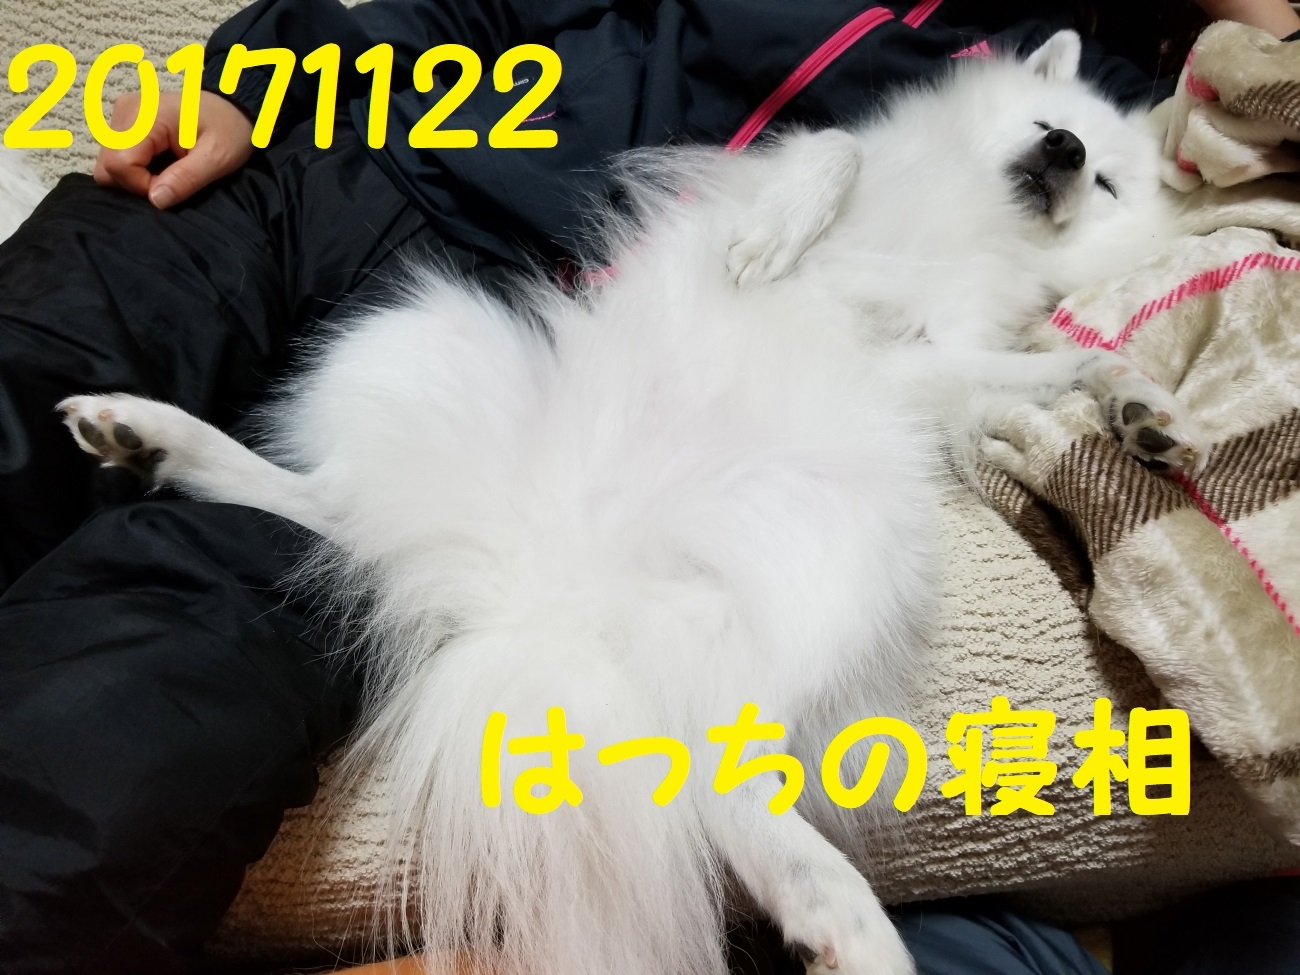 20171122_215445.jpg